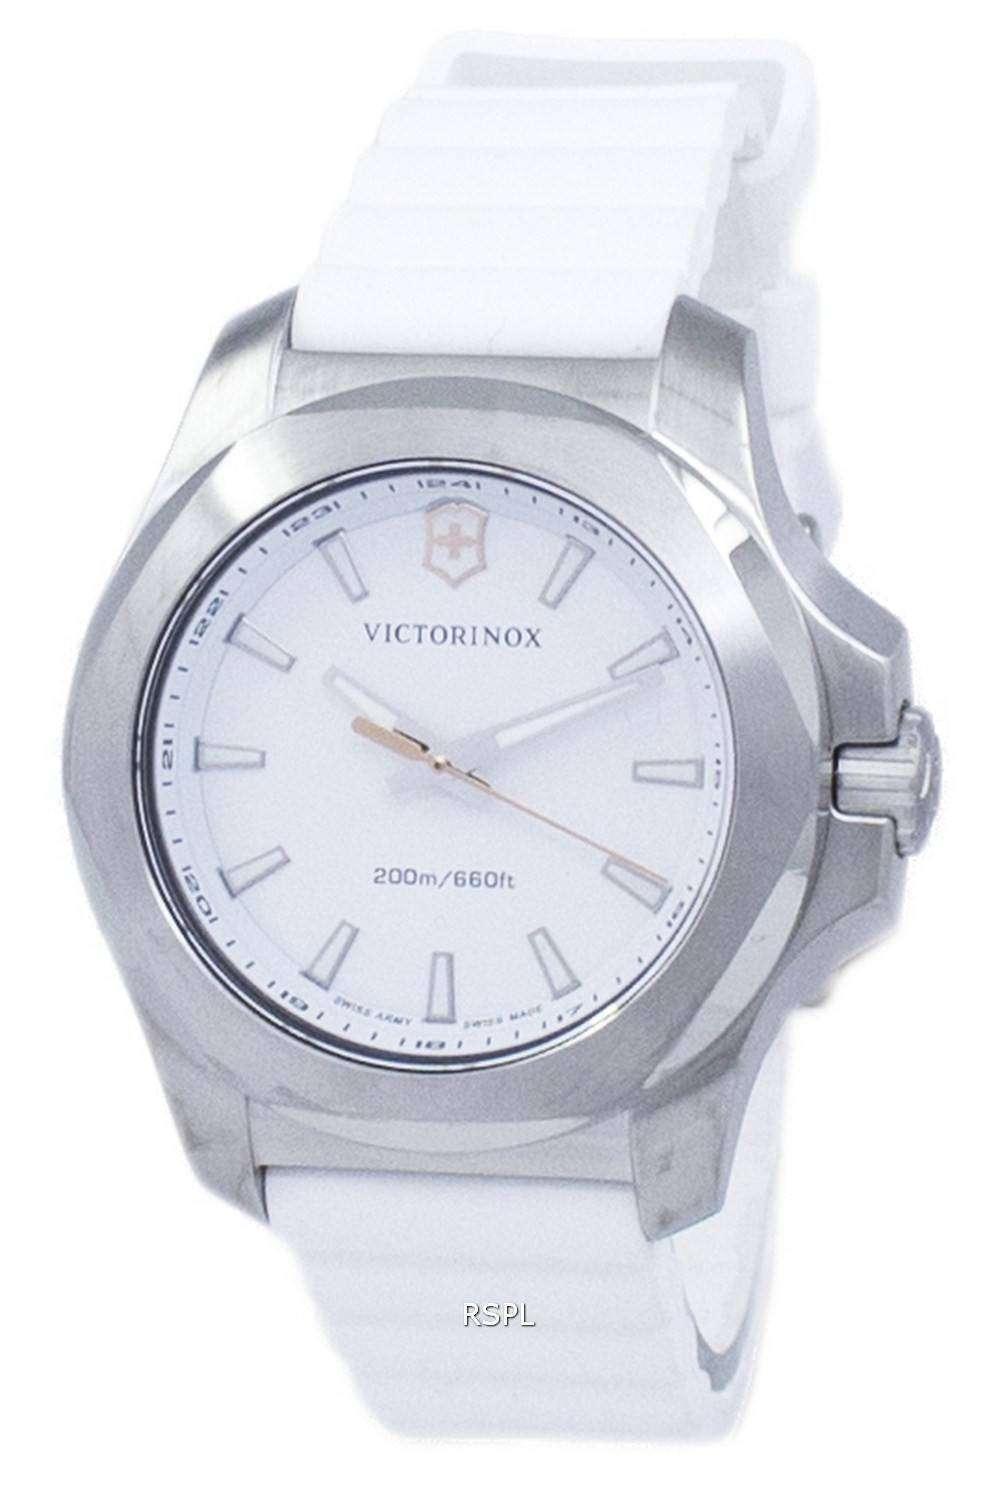 ビクトリノックス I.N.O.X. V スイス軍クォーツ 200 M 241769 女性の腕時計